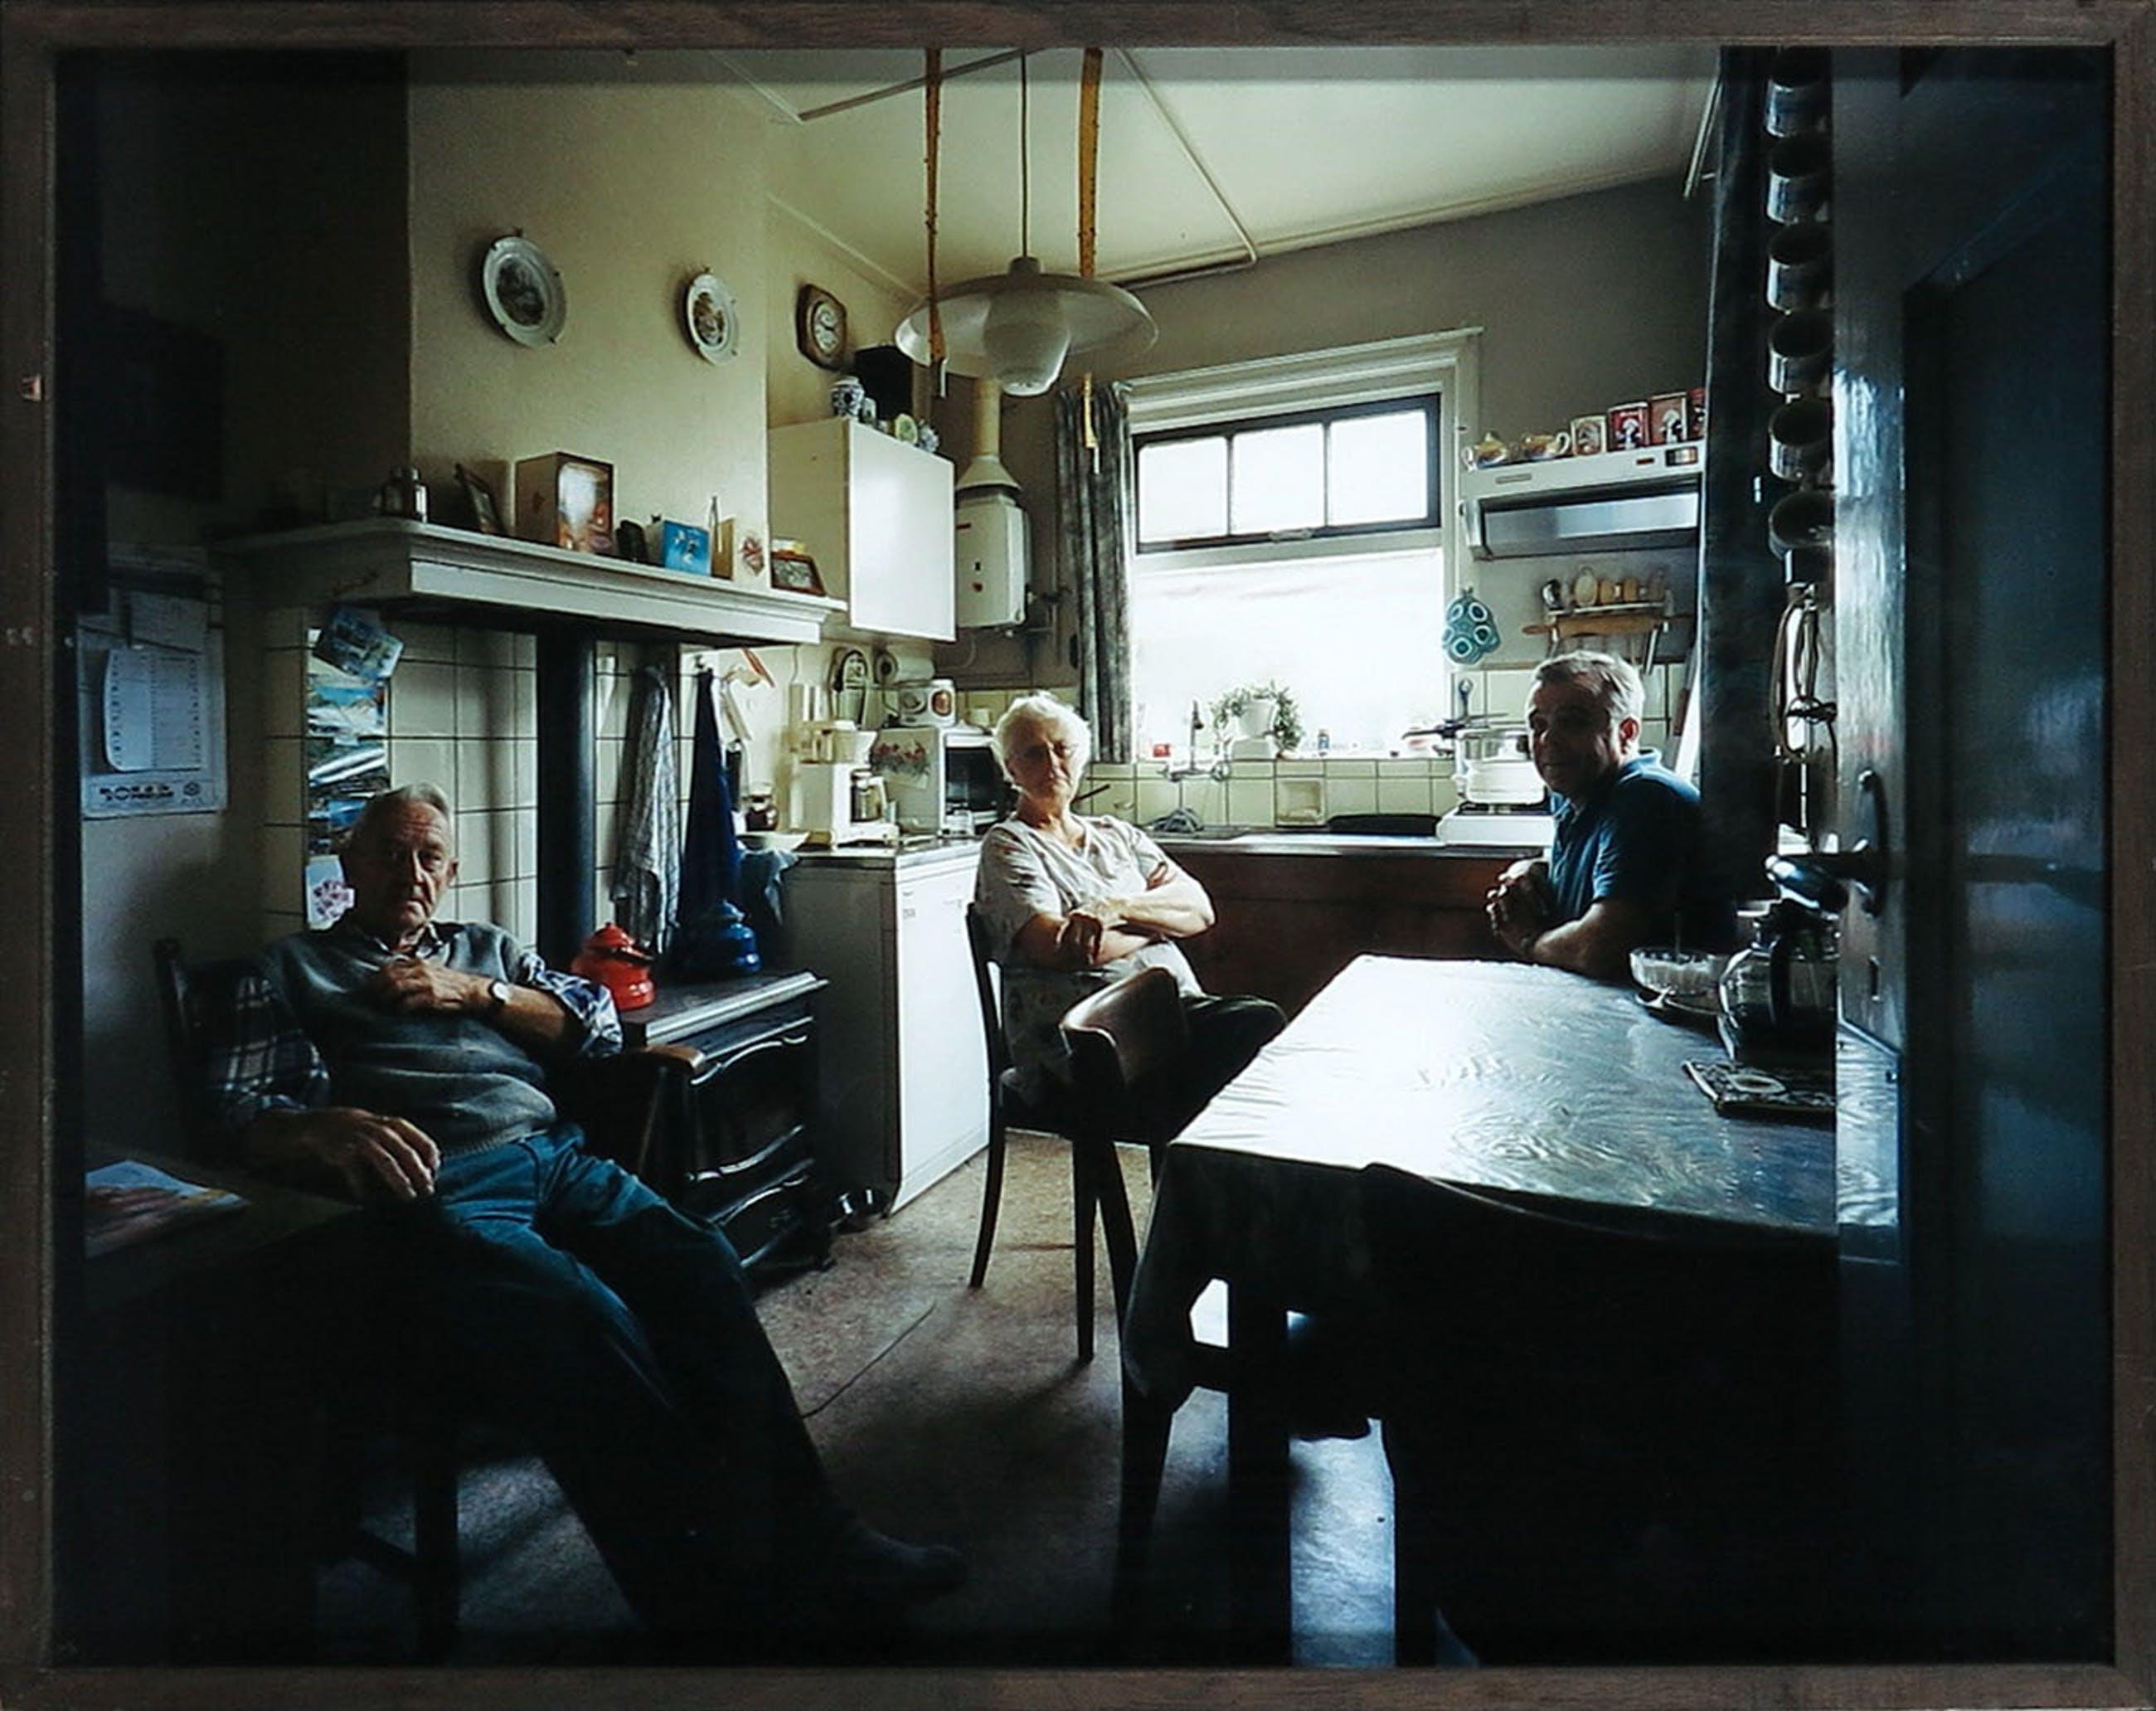 Bert Teunissen - C-Print, Europeans at Home, Nederland - Ingelijst kopen? Bied vanaf 1!